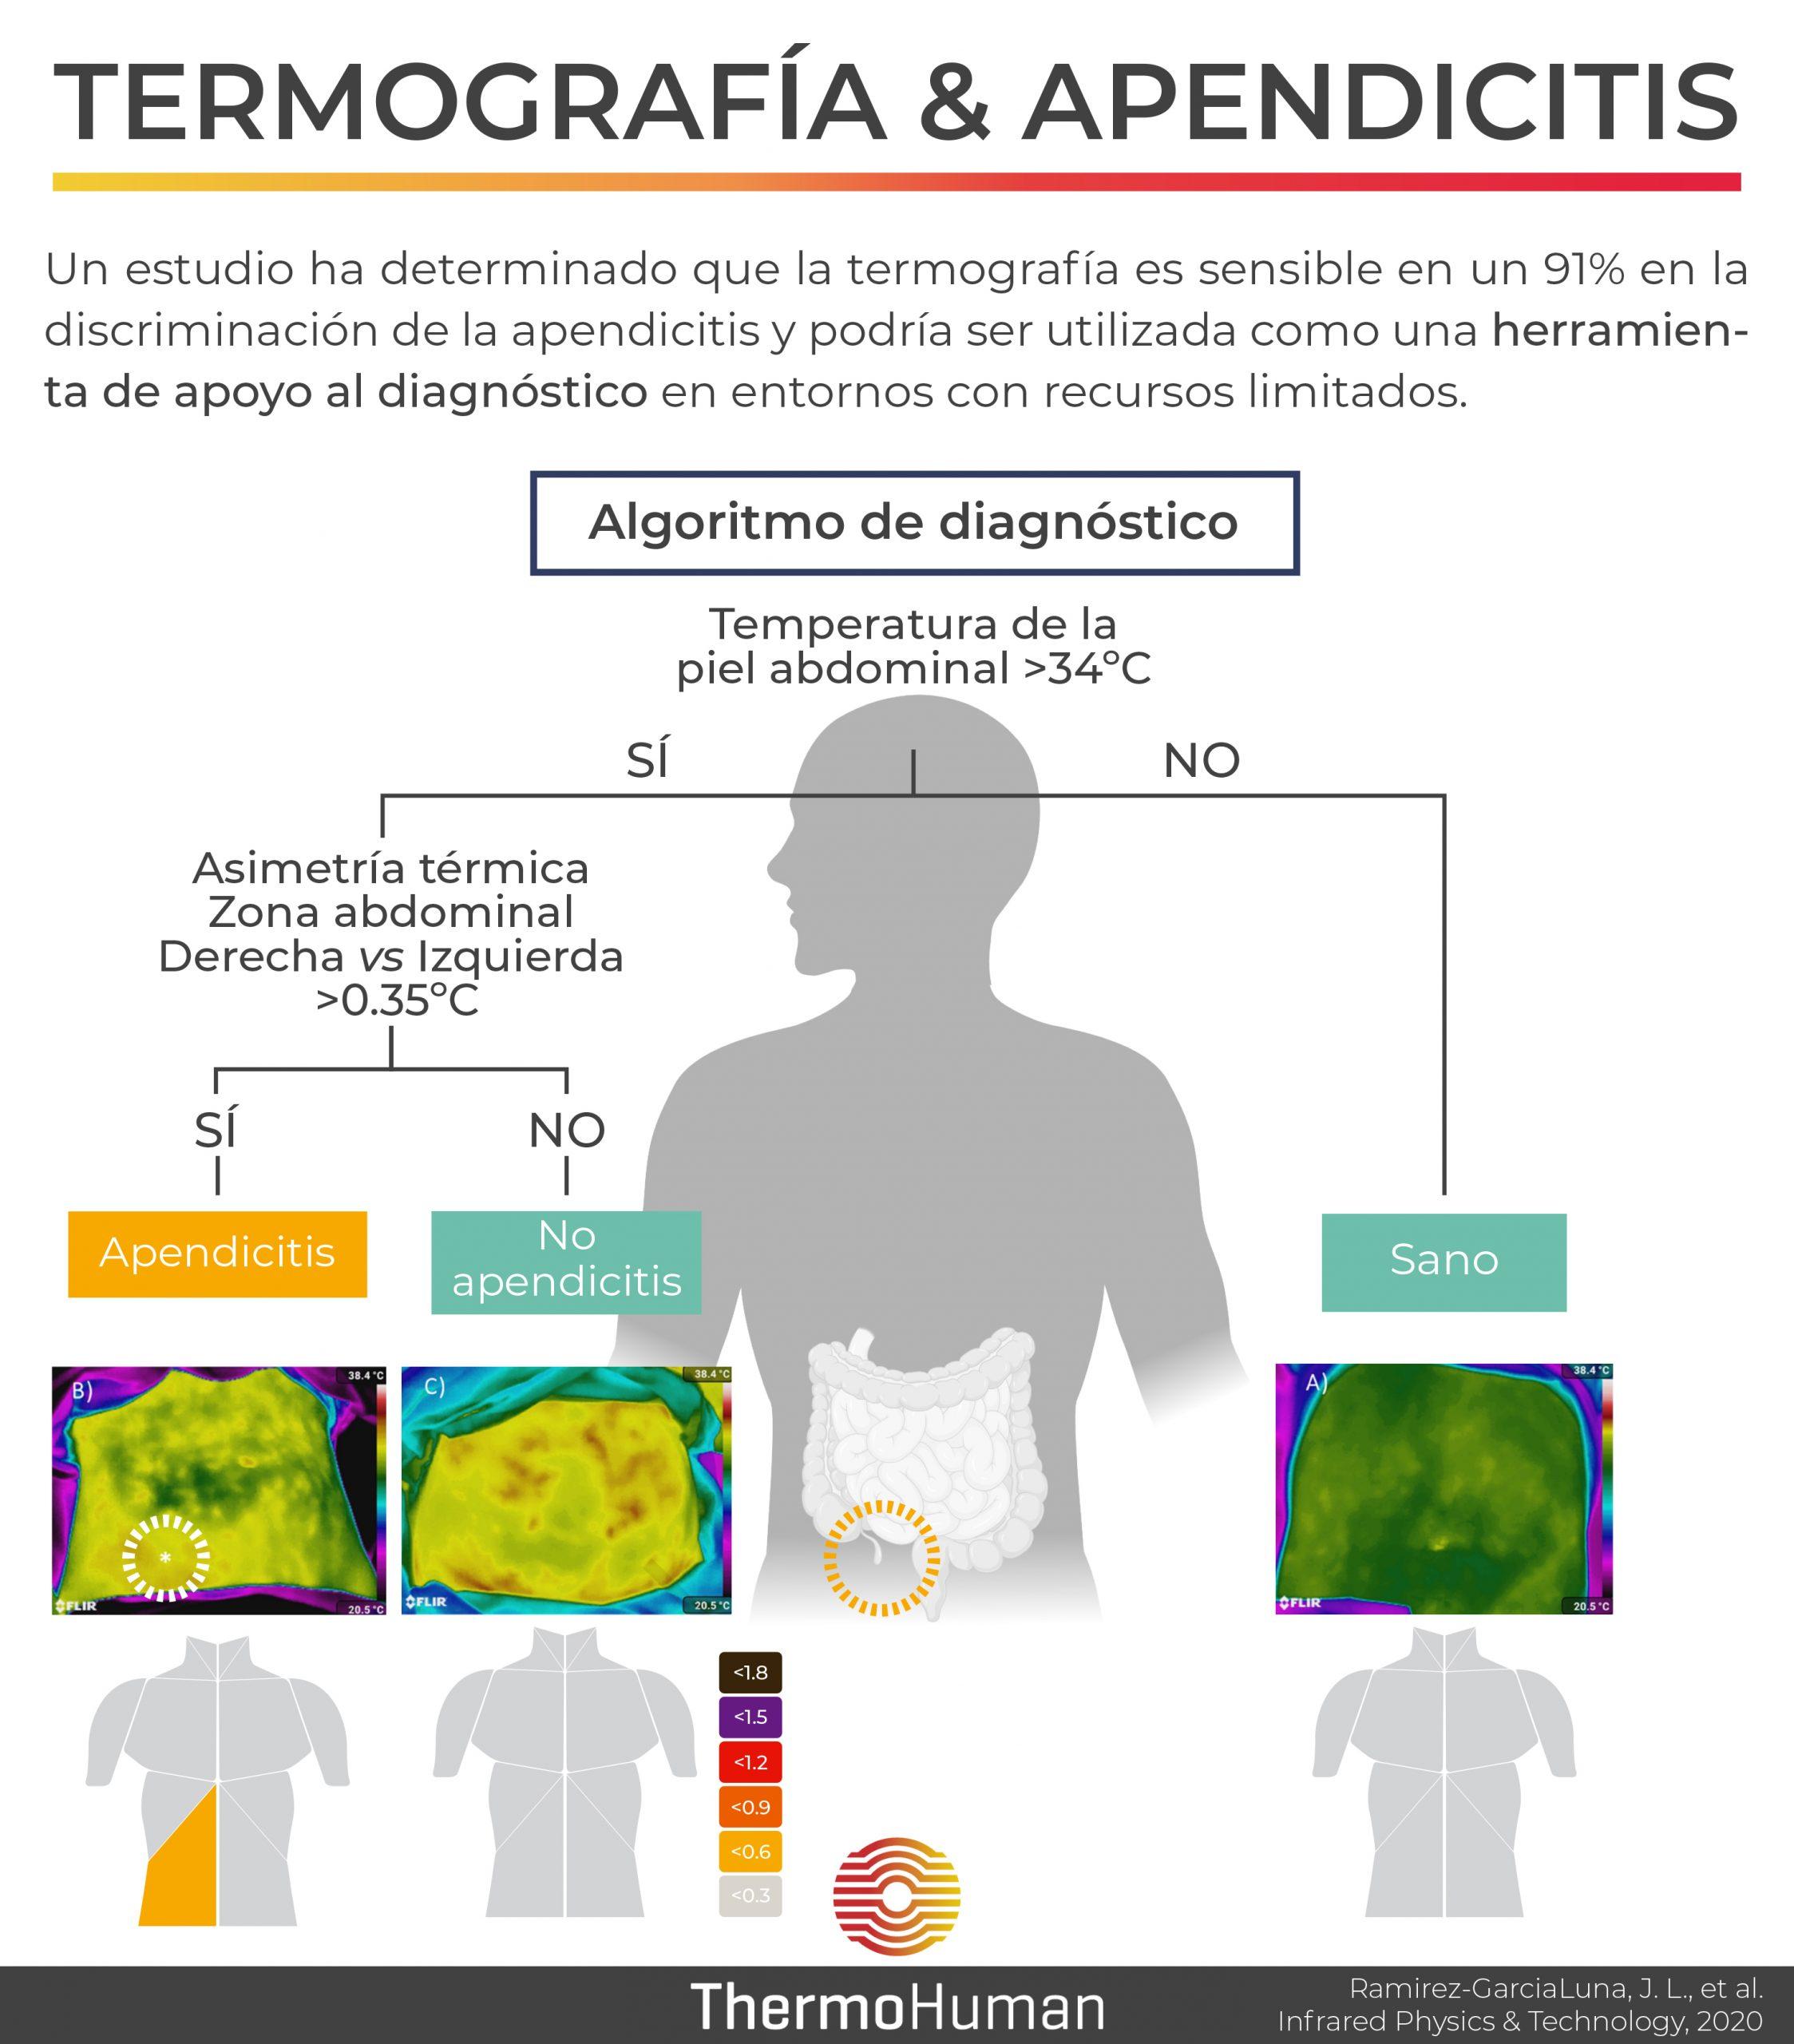 Termografía y diagnóstico de apendicitis